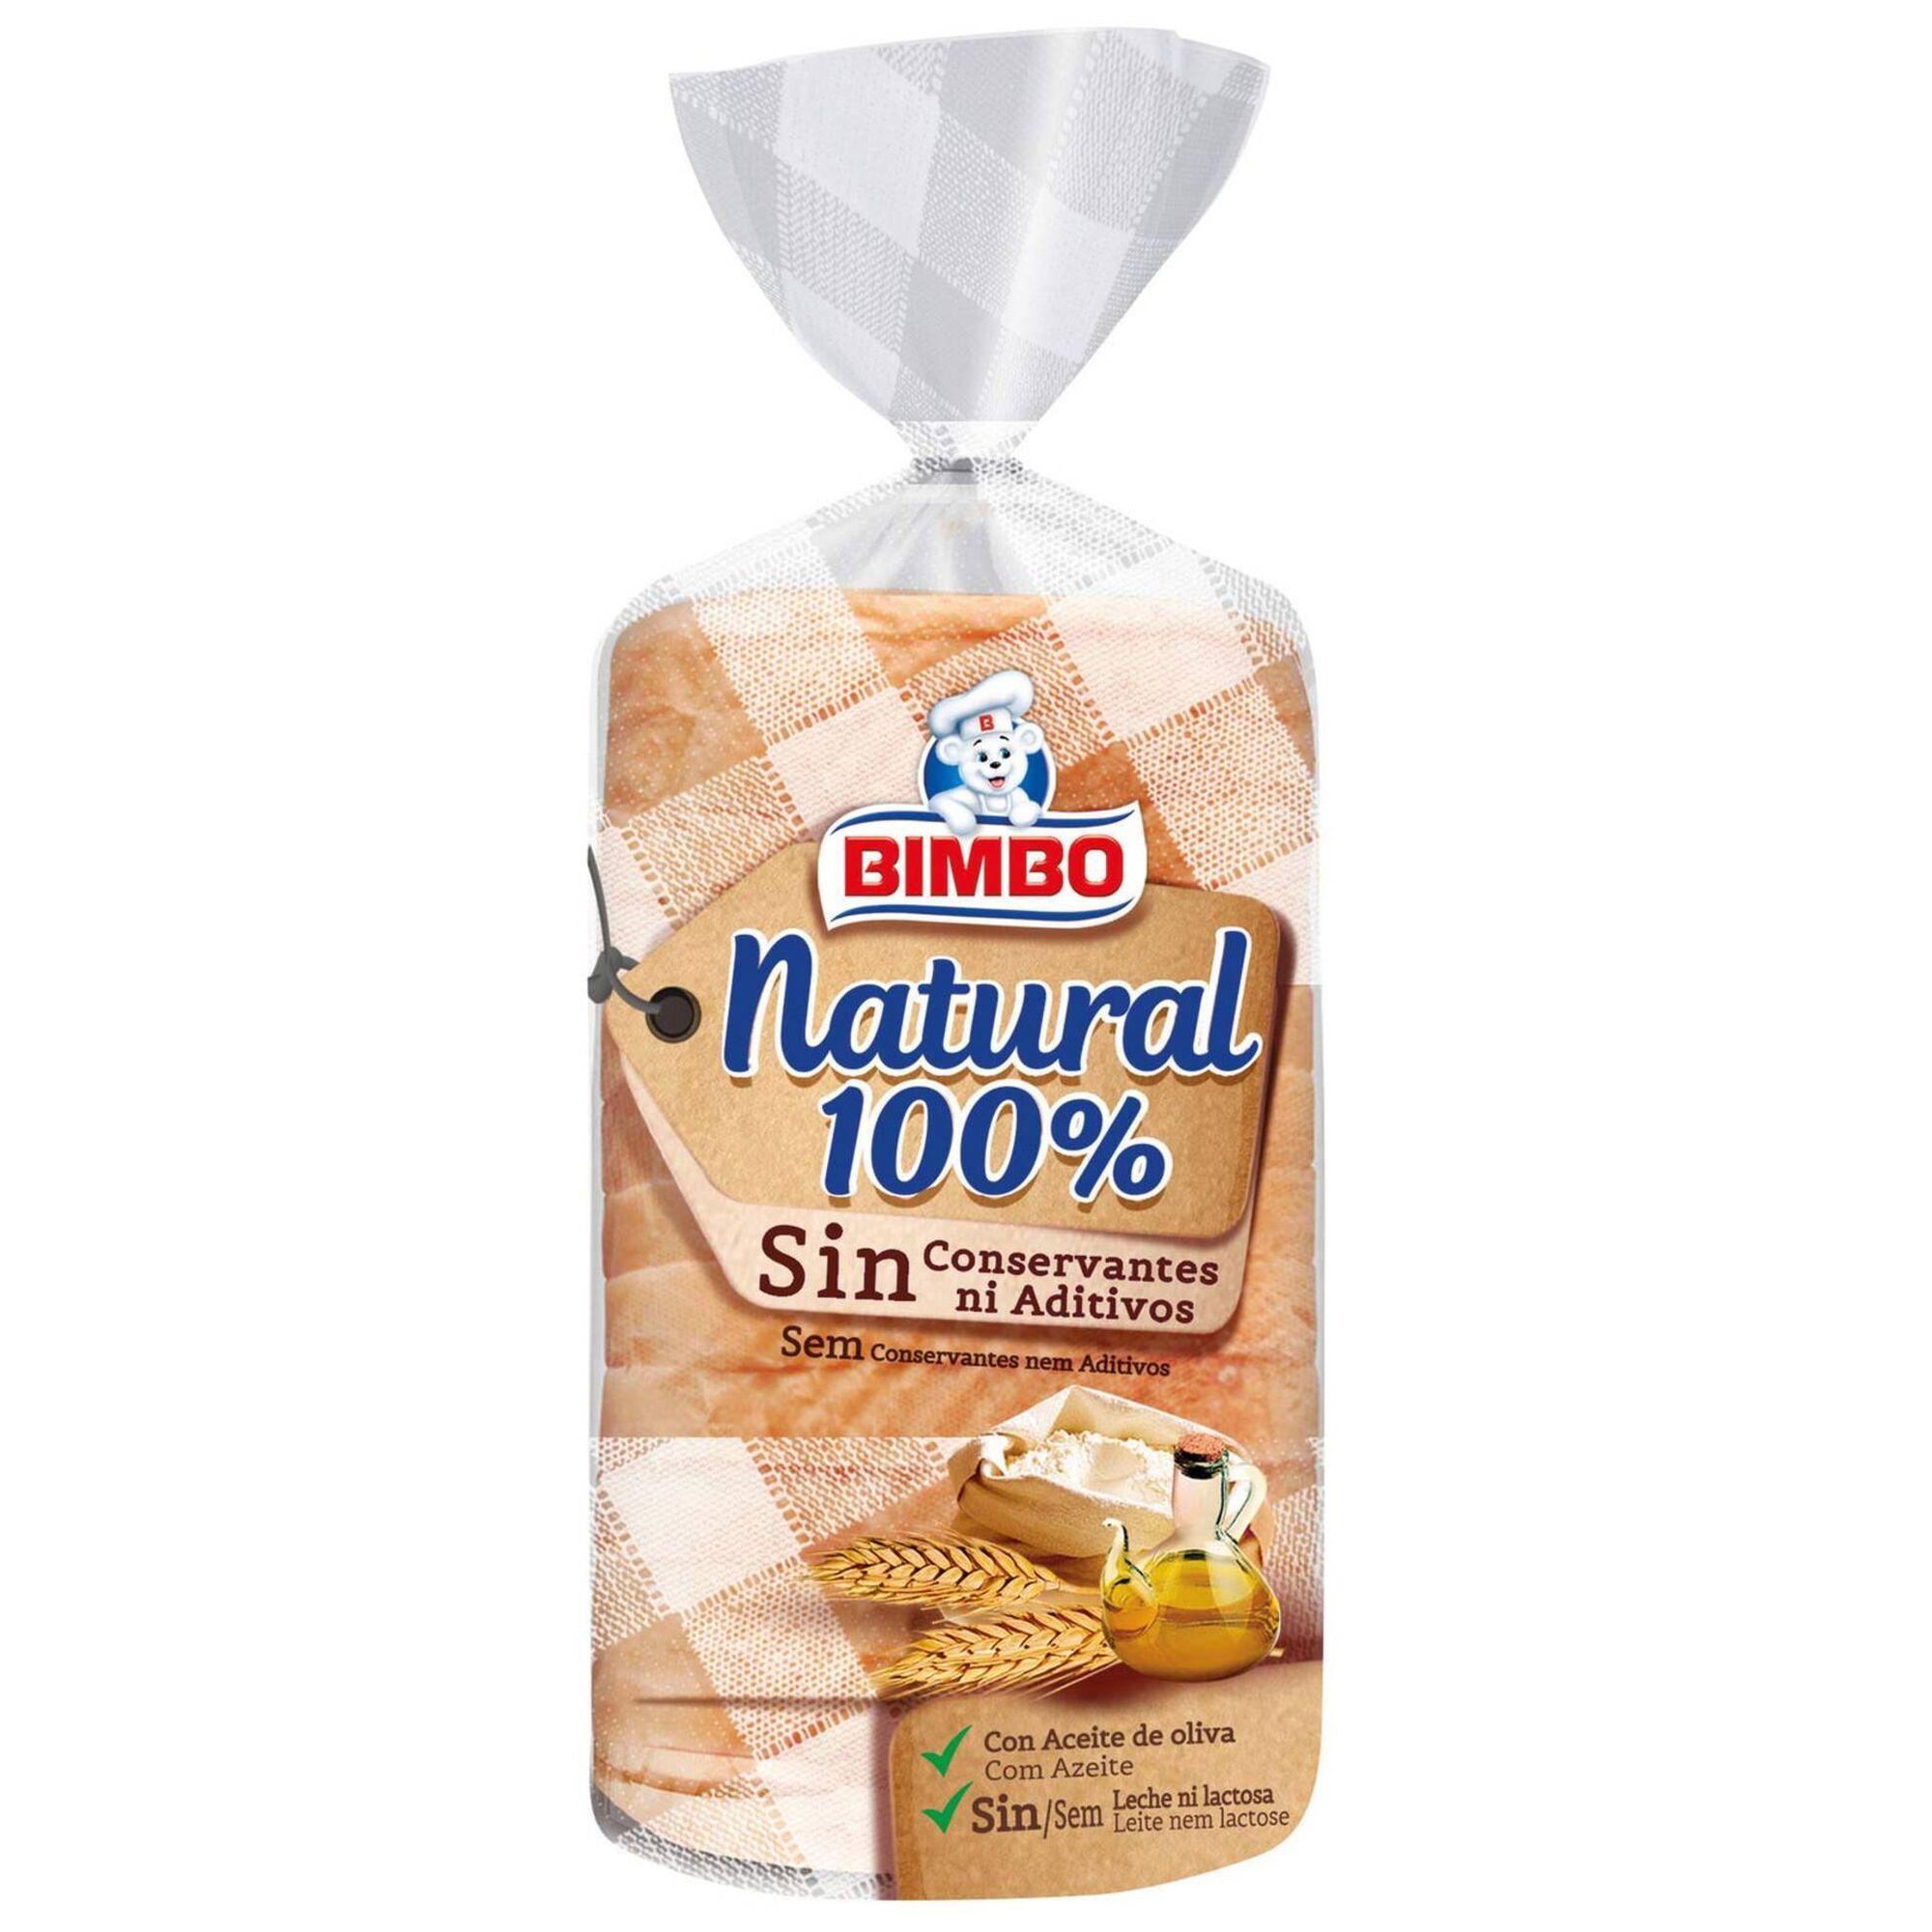 Pão de Forma 100% Natural com côdea